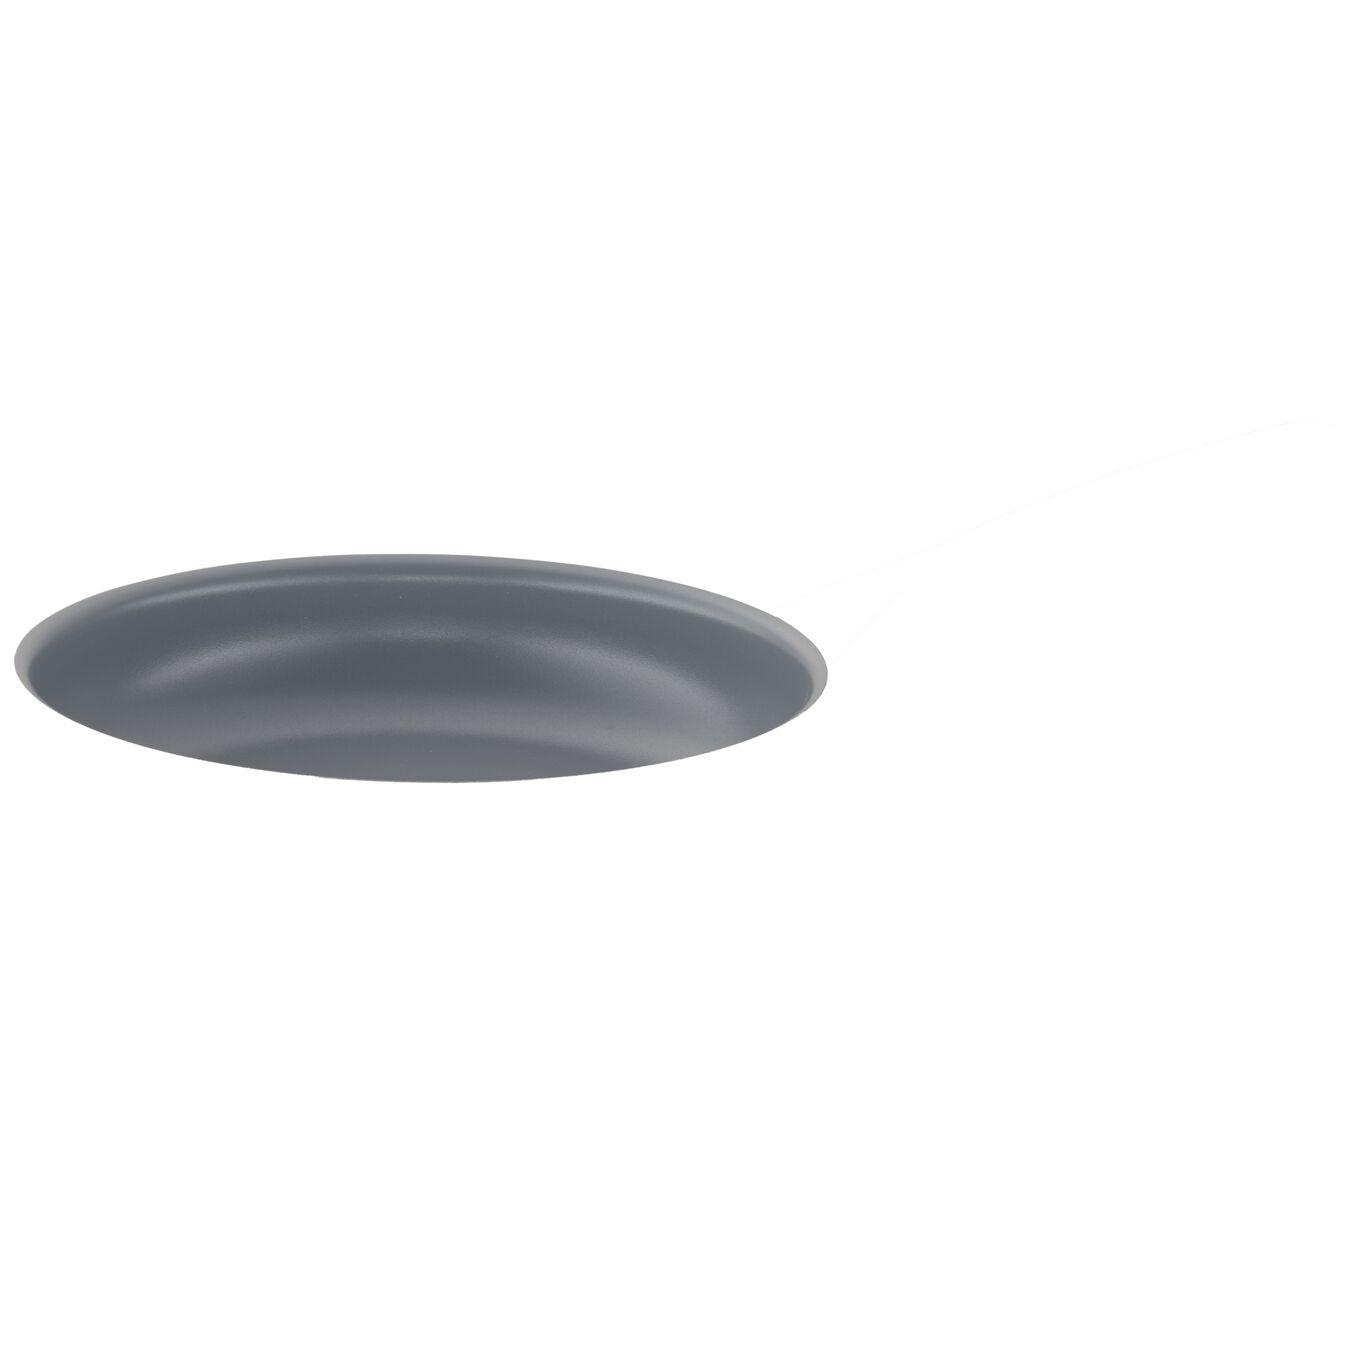 Poêle 24 cm, Inox 18/10, Argent,,large 2